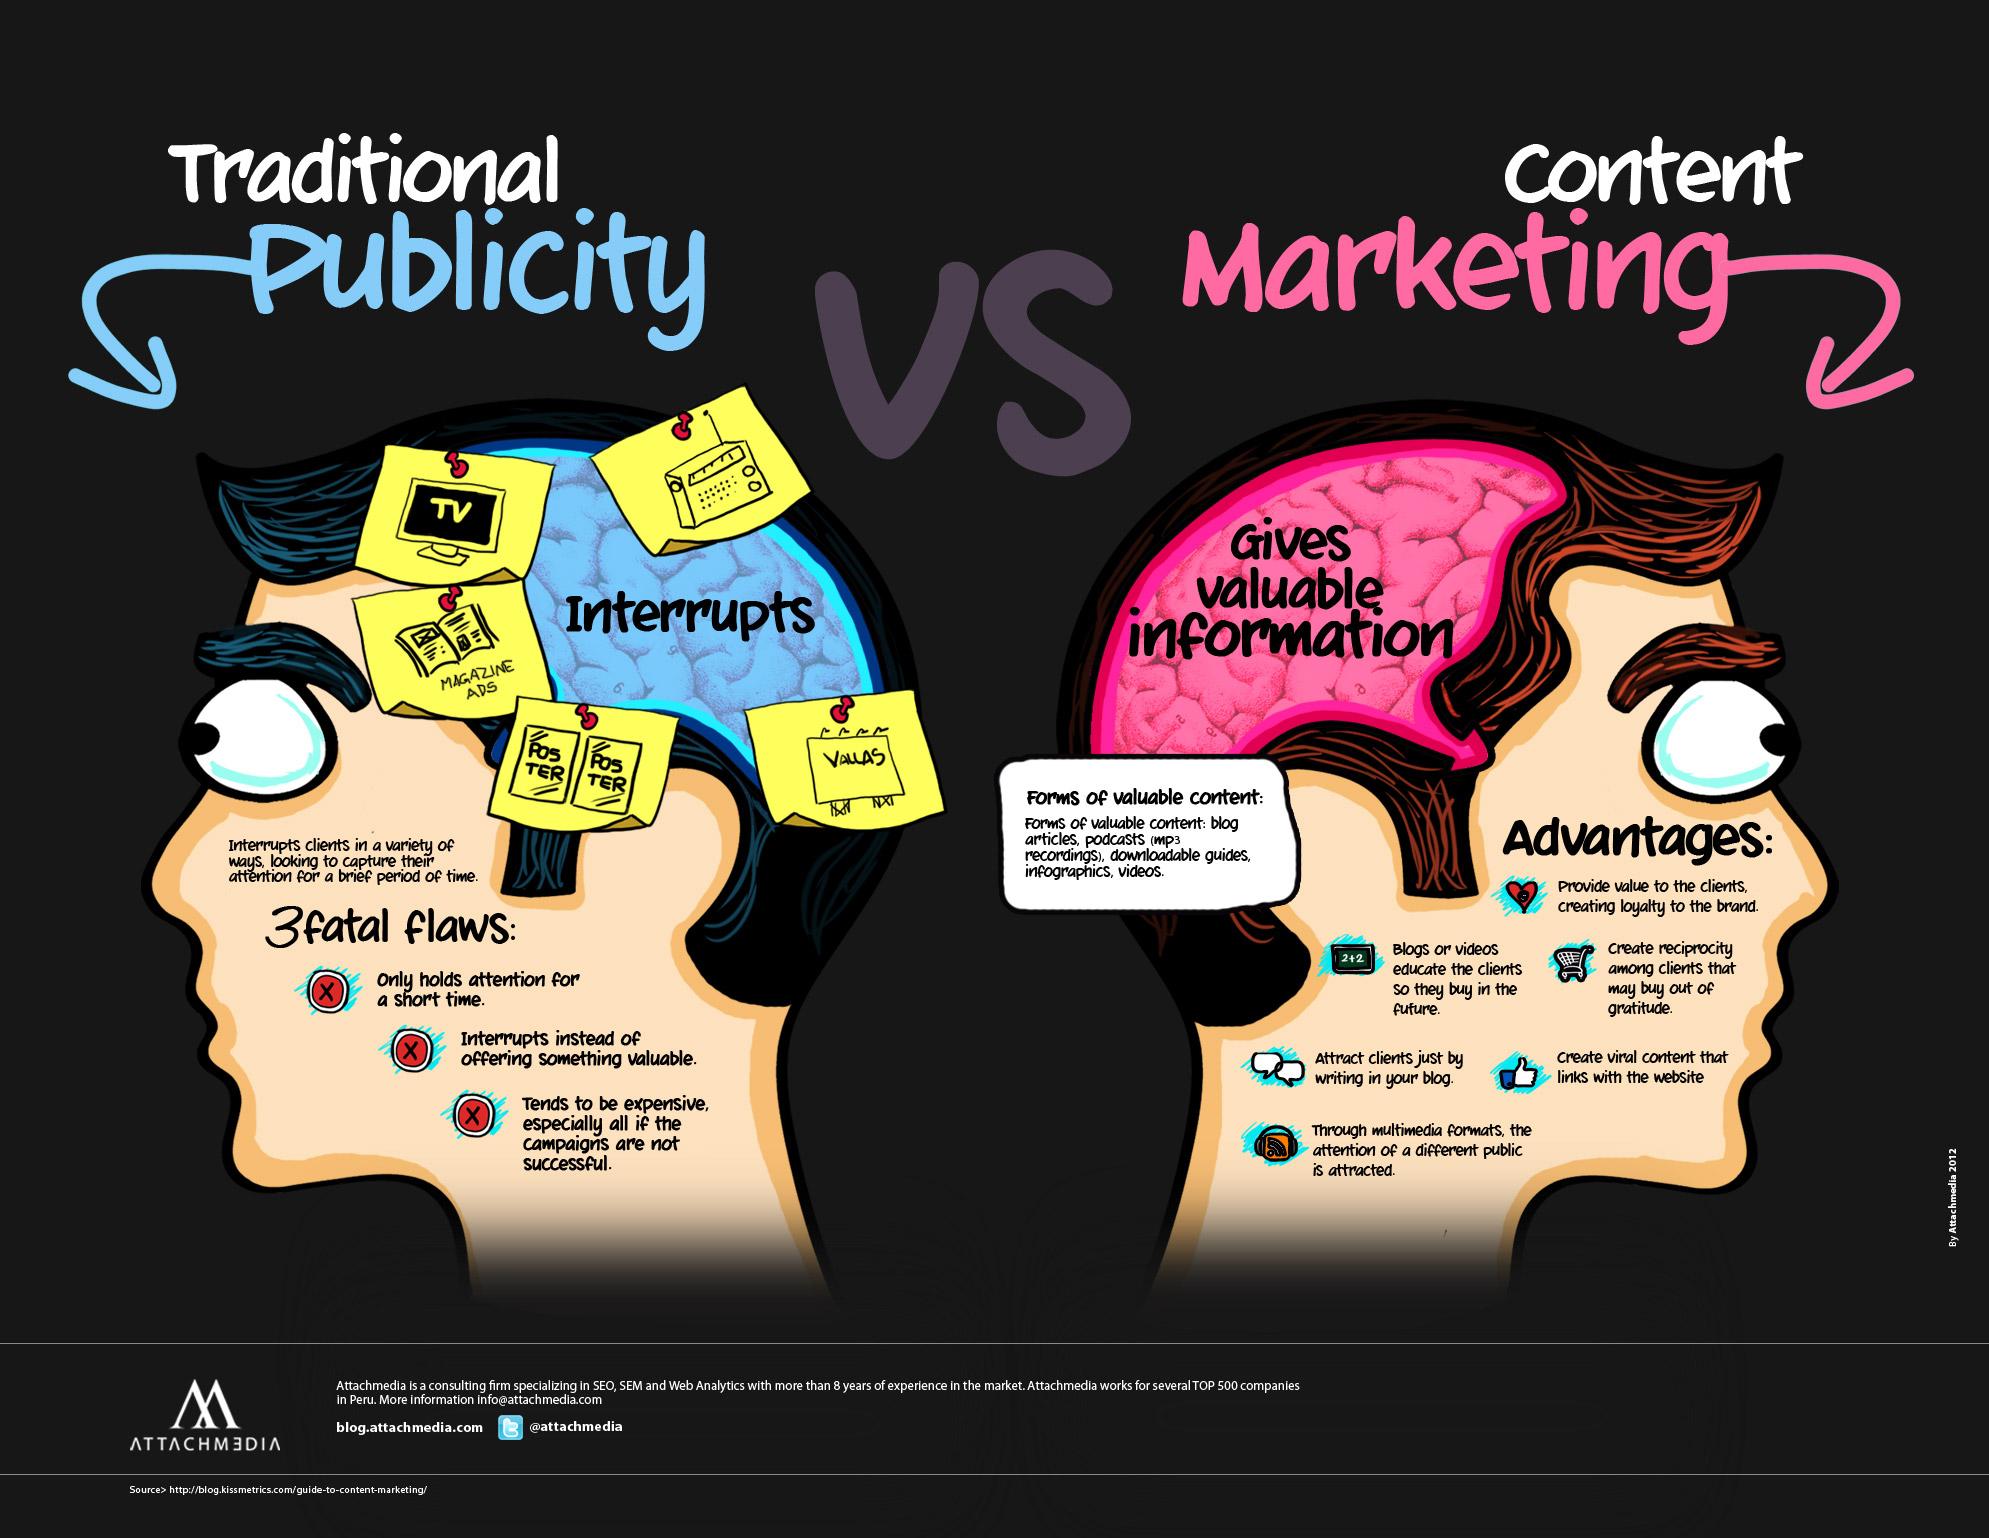 Content Marketing, la nuova forma di Branding e Pubblicitá nel web?